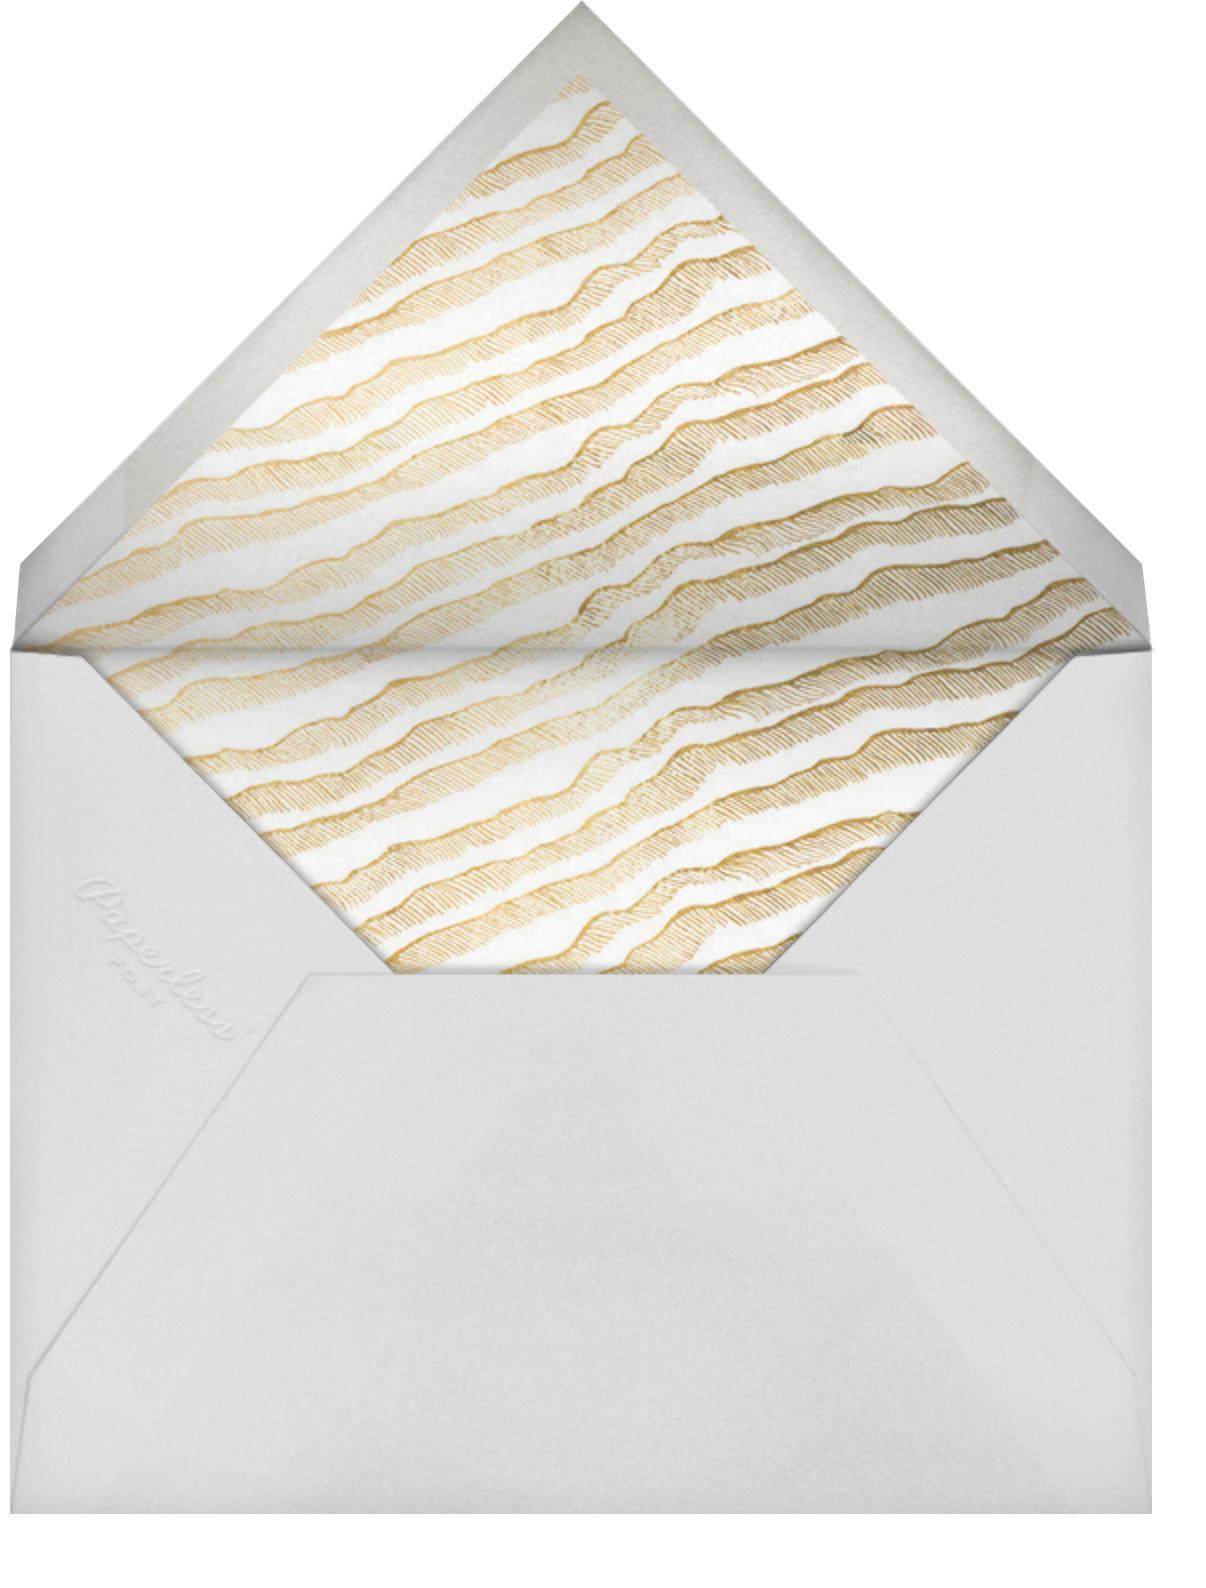 Cascadia - Ivory - Kelly Wearstler - Holiday cards - envelope back